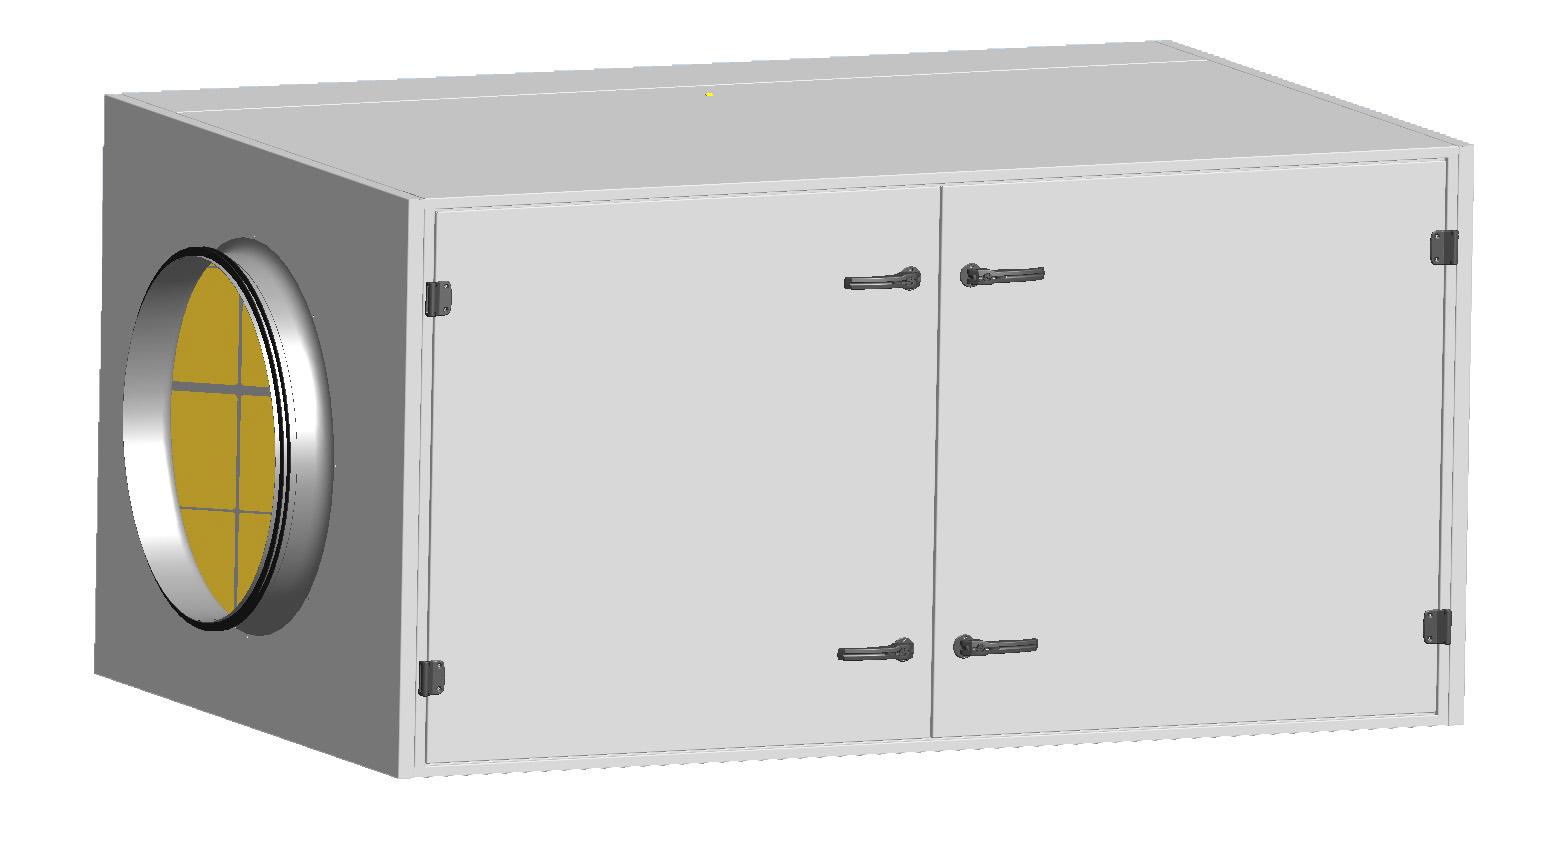 Full Size of Geruchsbeseitigung Luftreinigung Fr Gastronomie Und Gewerbe Wohnzimmer Küchenabluft